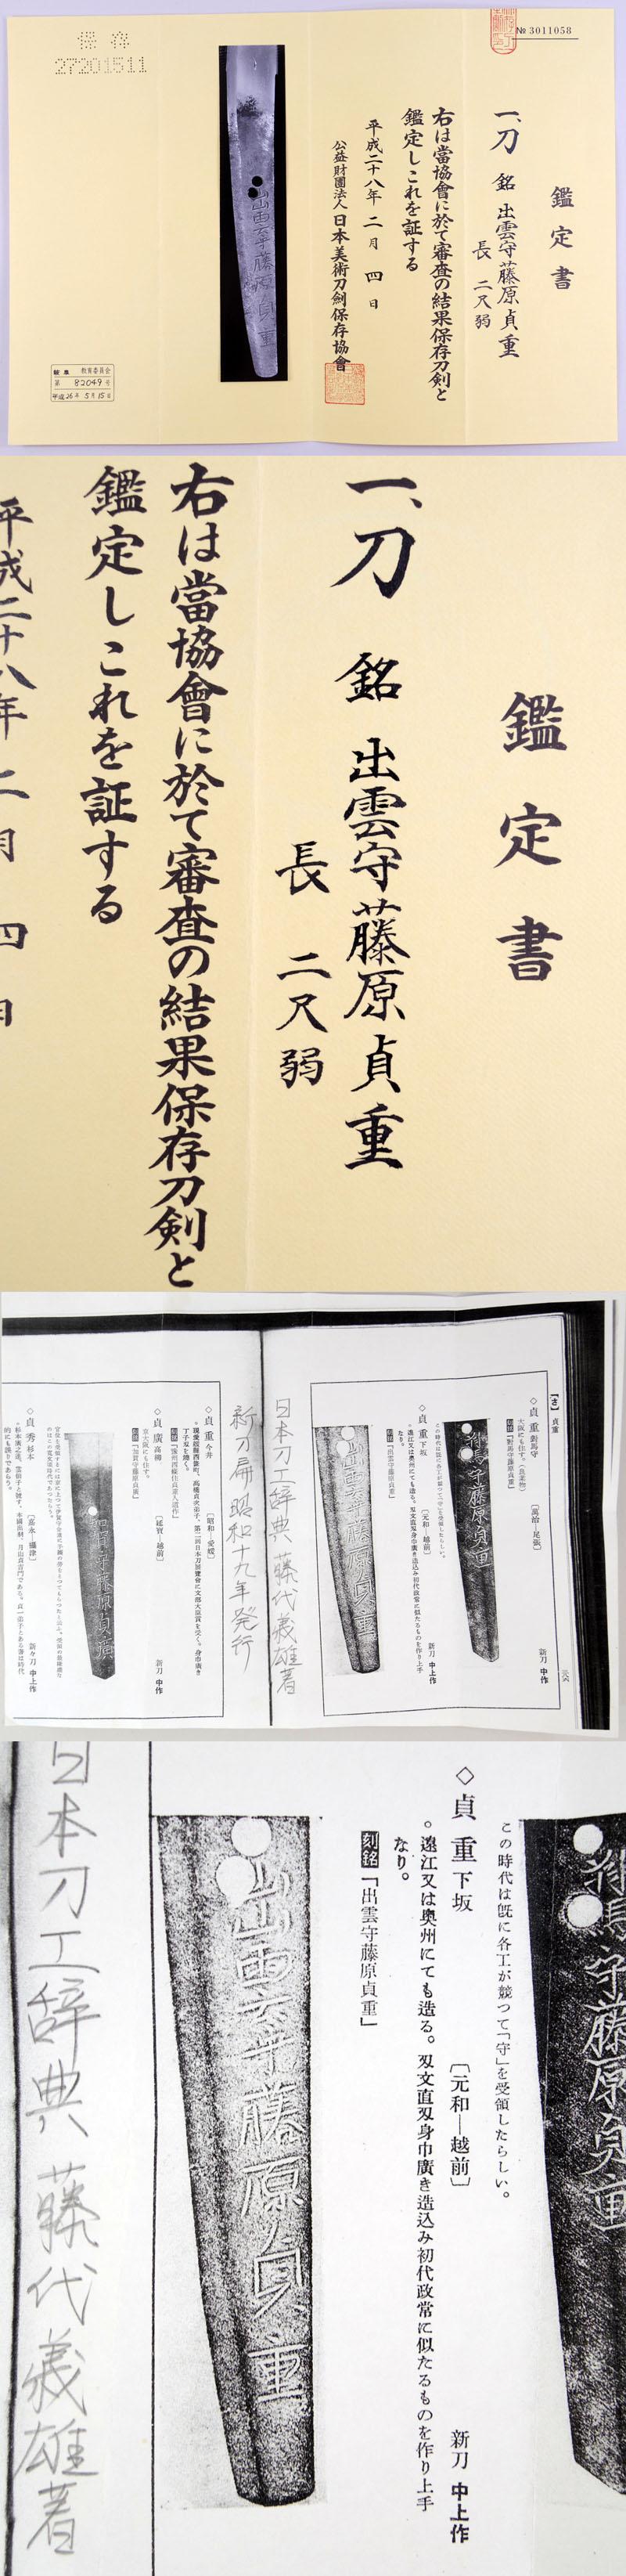 出雲守藤原貞重 Picture of Certificate